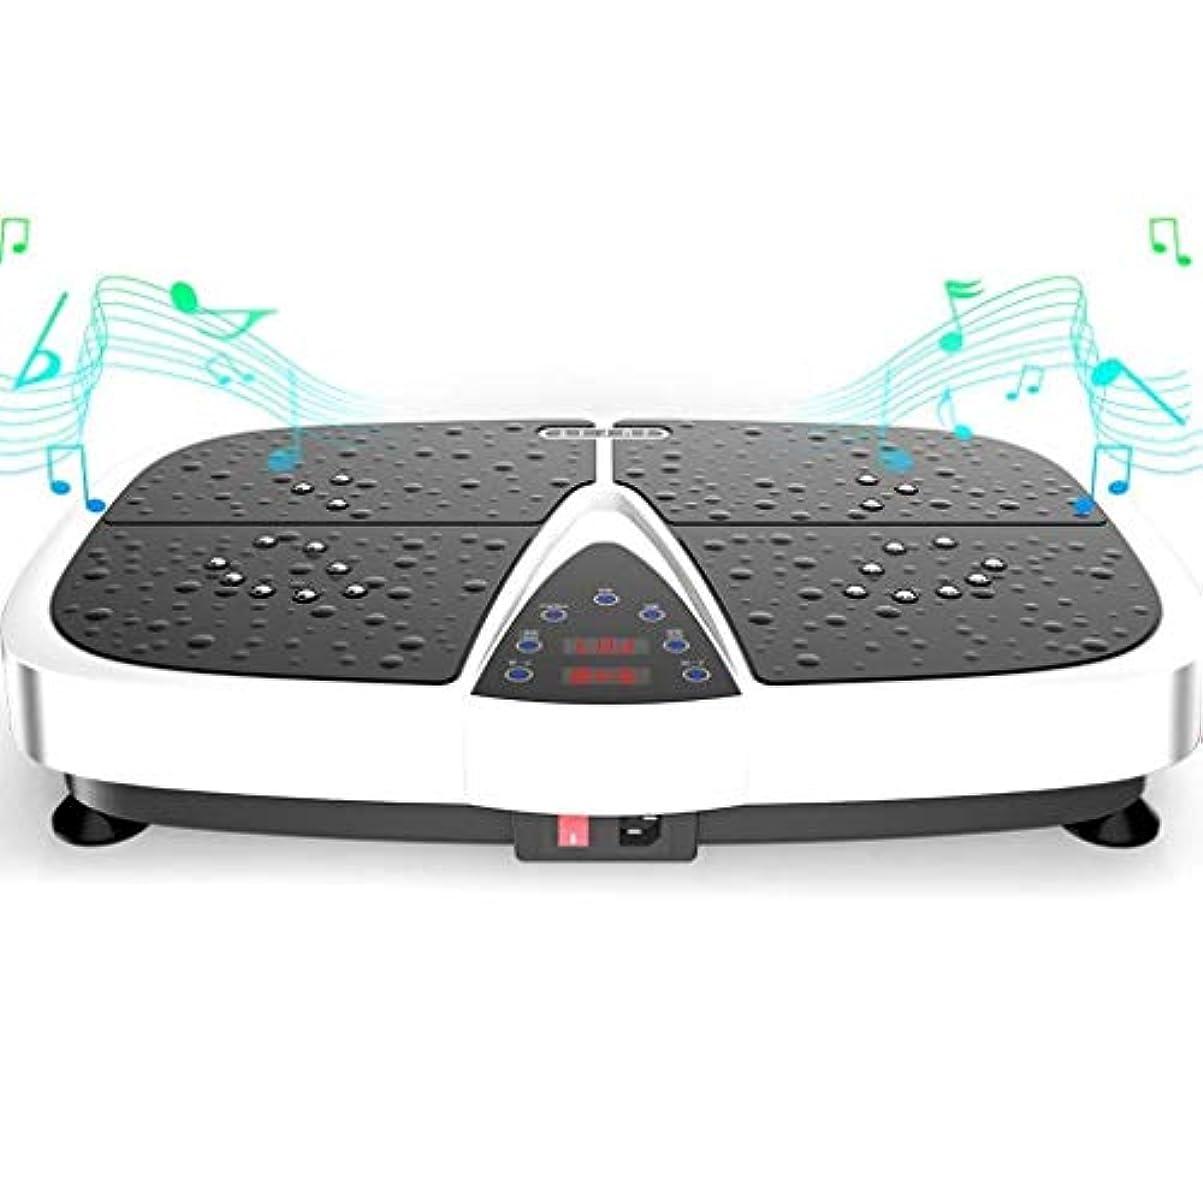 夜明けプレビスサイトアルカイック減量機、スポーツ衝撃吸収フィットネスモデル減量機、Bluetooth音楽スピーカーとリモートコントロール、ユニセックス振動板、家族/ジムに適しています (Color : 白)